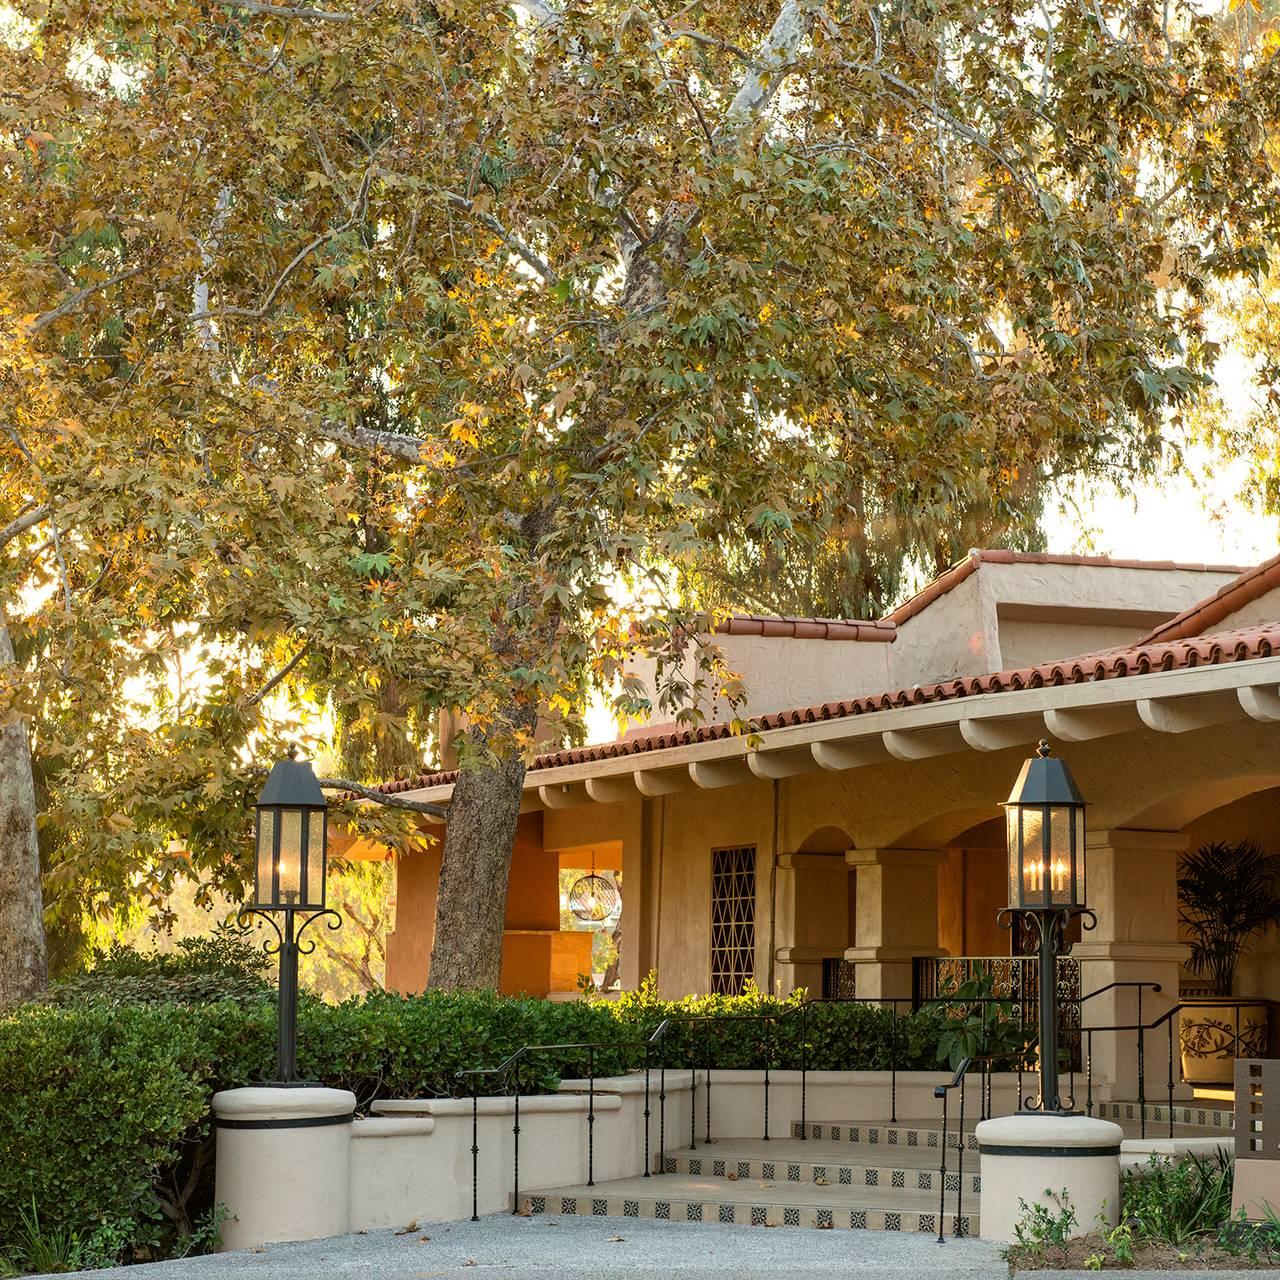 AVANT Restaurant - San Diego, CA | OpenTable